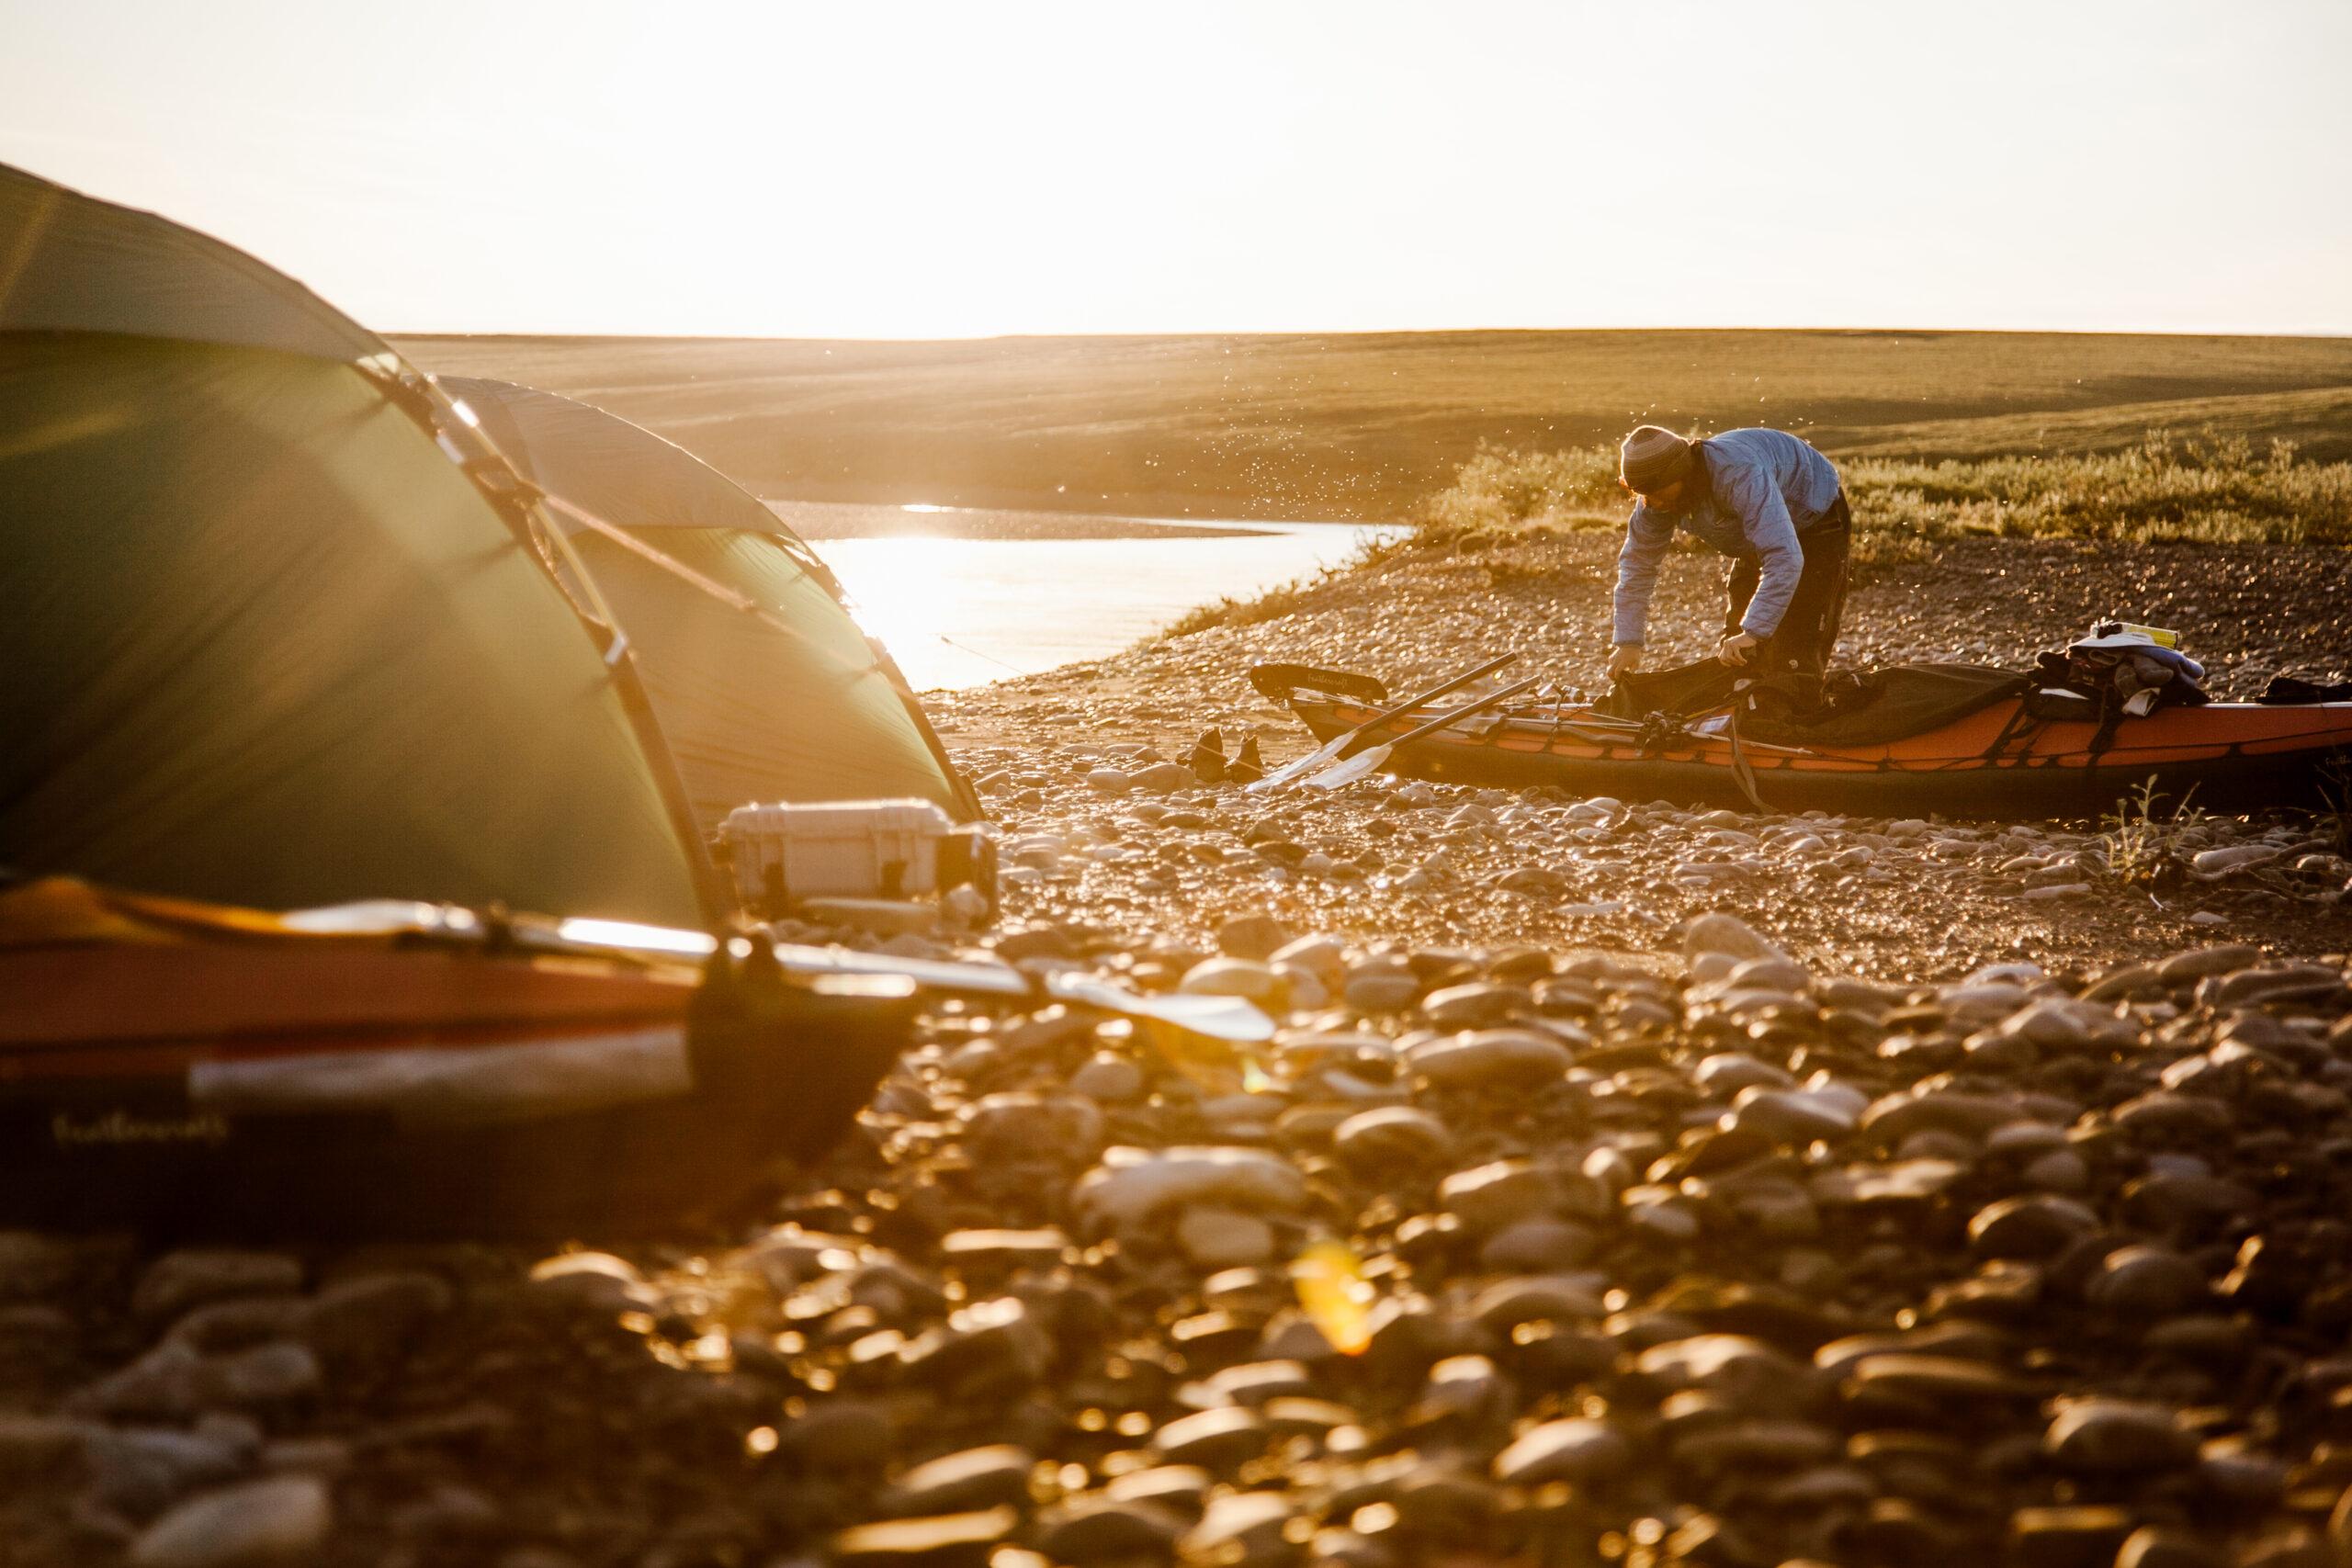 ウールパワーと過ごしたアラスカの夏